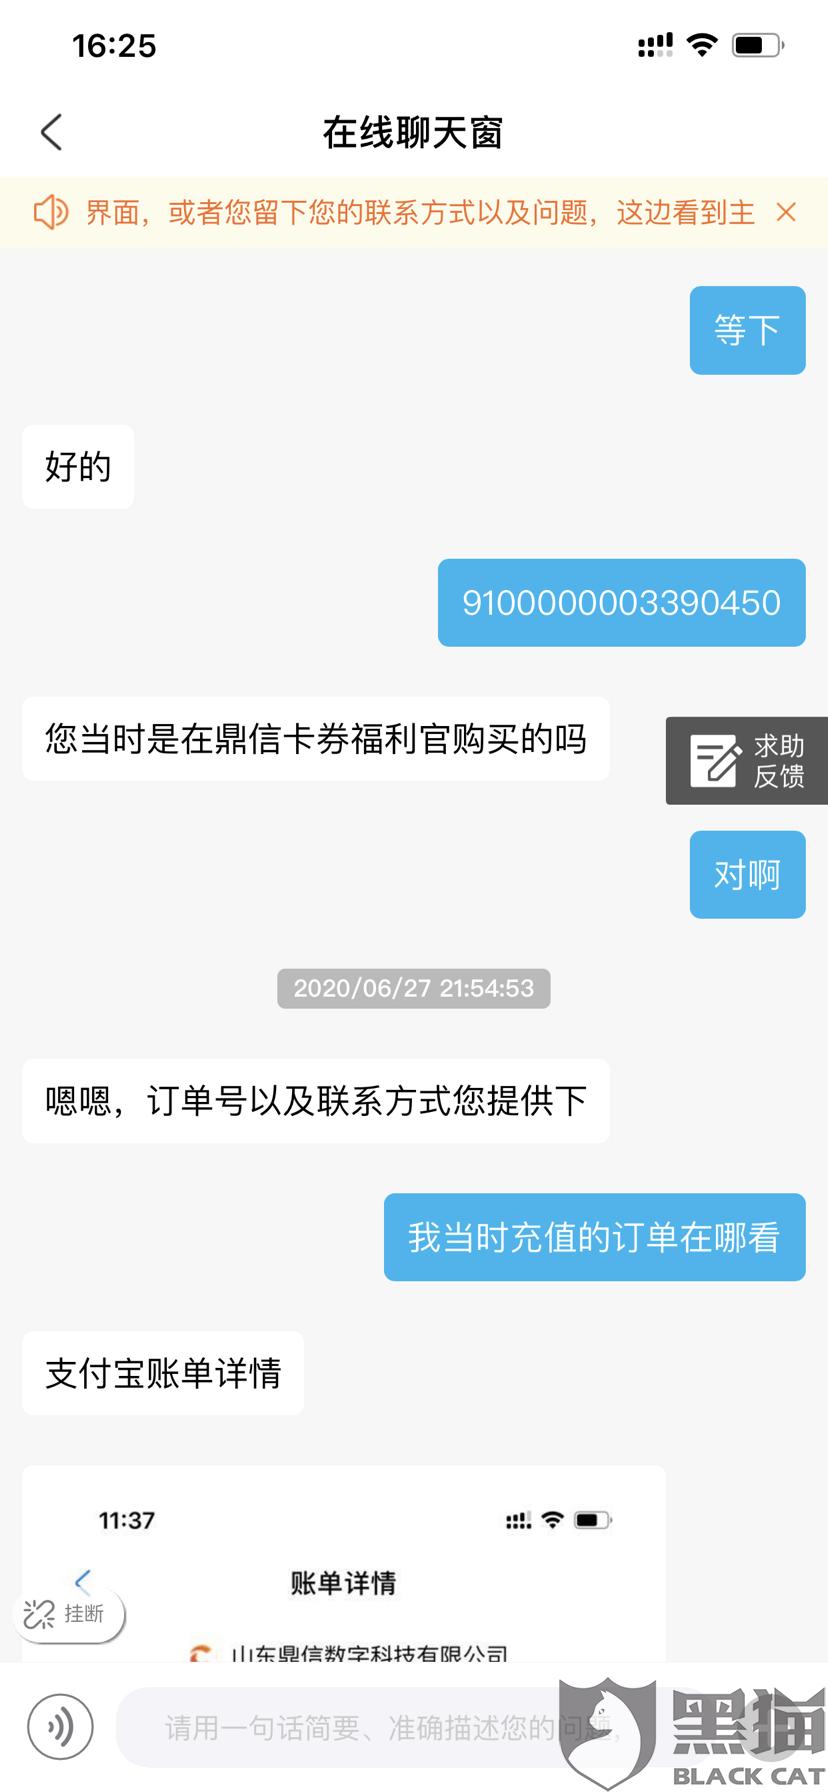 黑猫投诉:支付宝鼎信卡券福利官小程序欺骗消费者